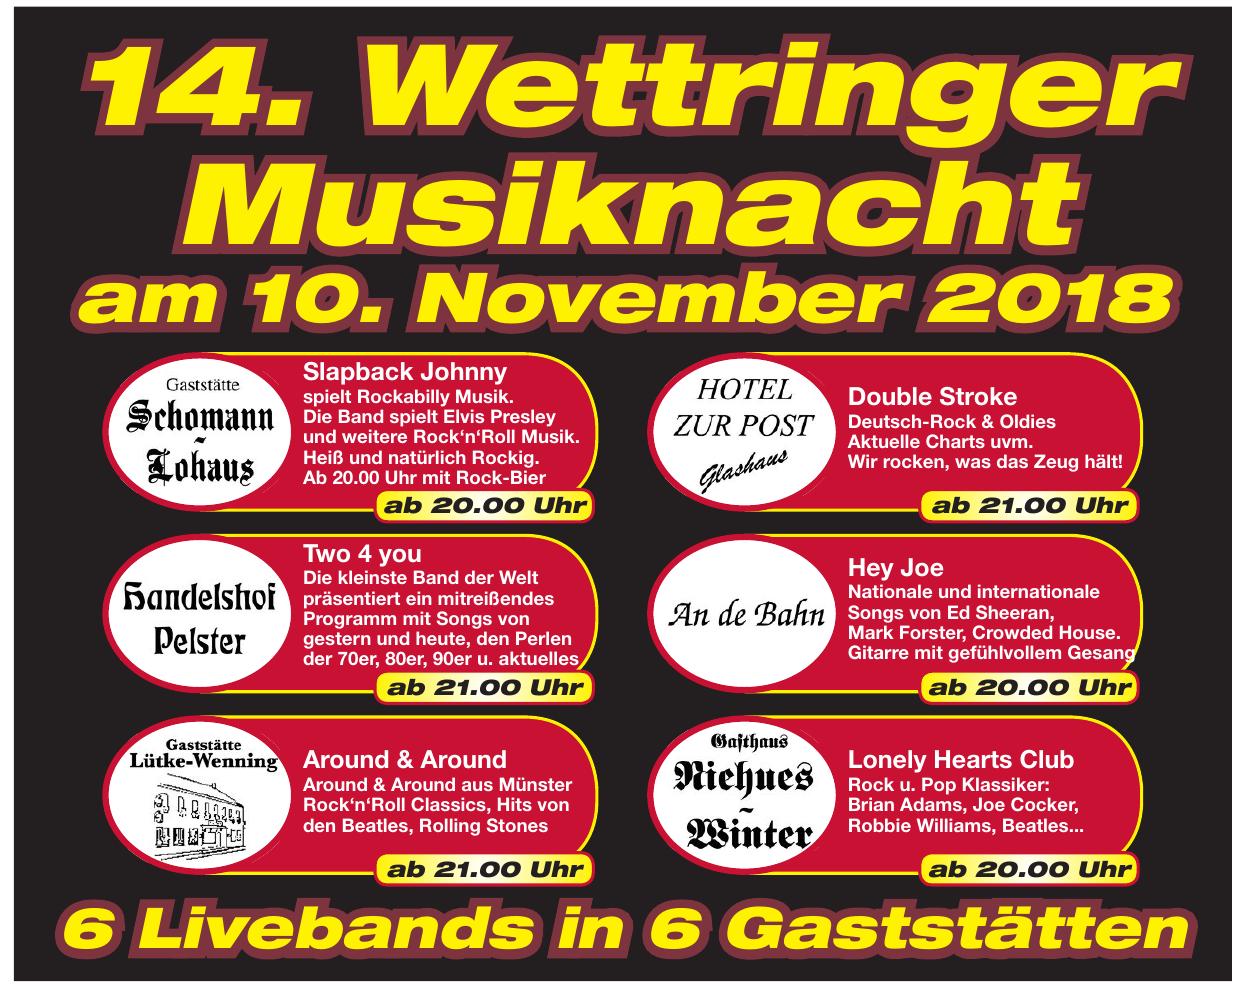 14. Wettringer Musiknacht